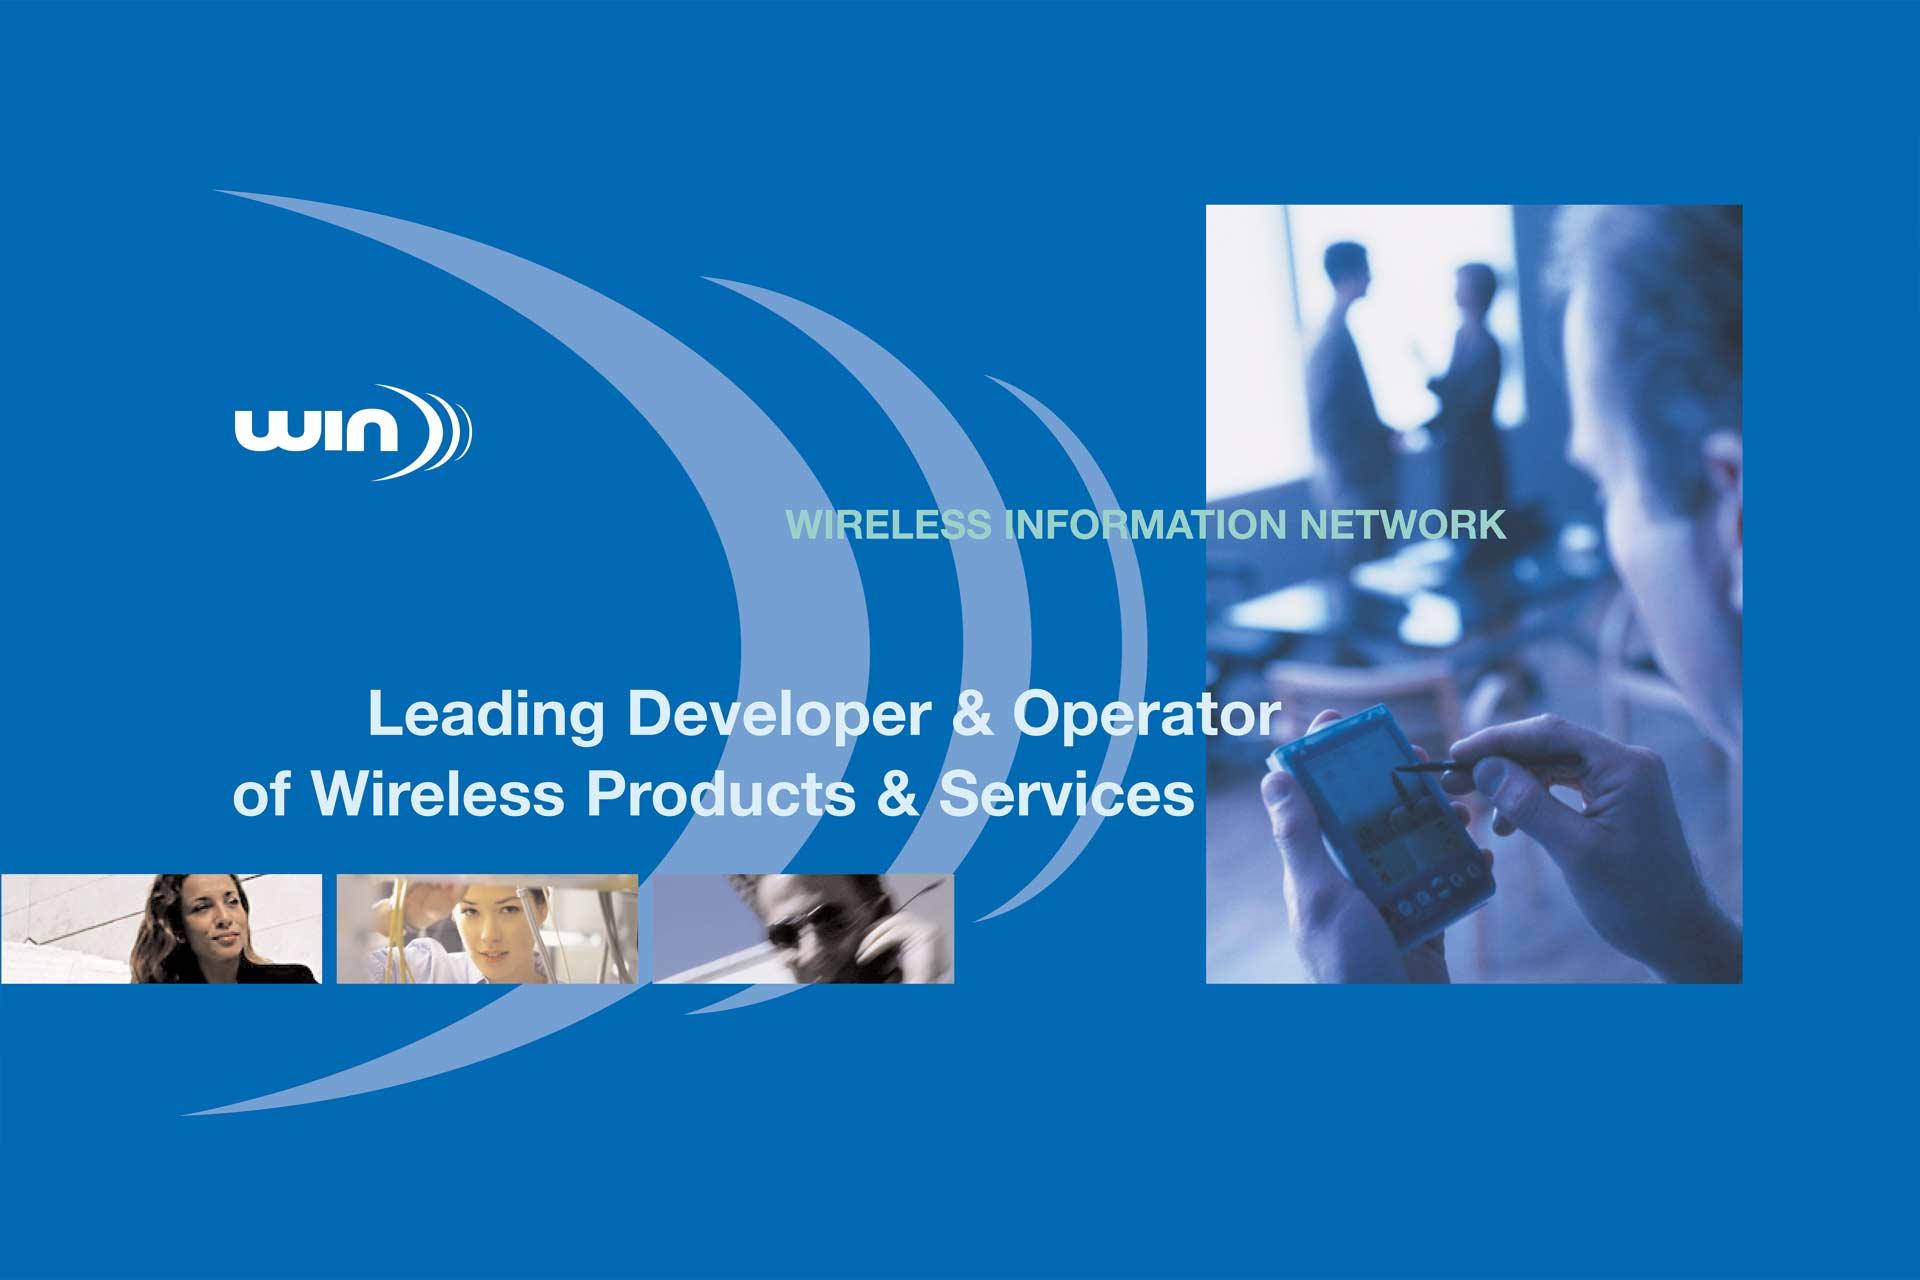 Wireless Information Network